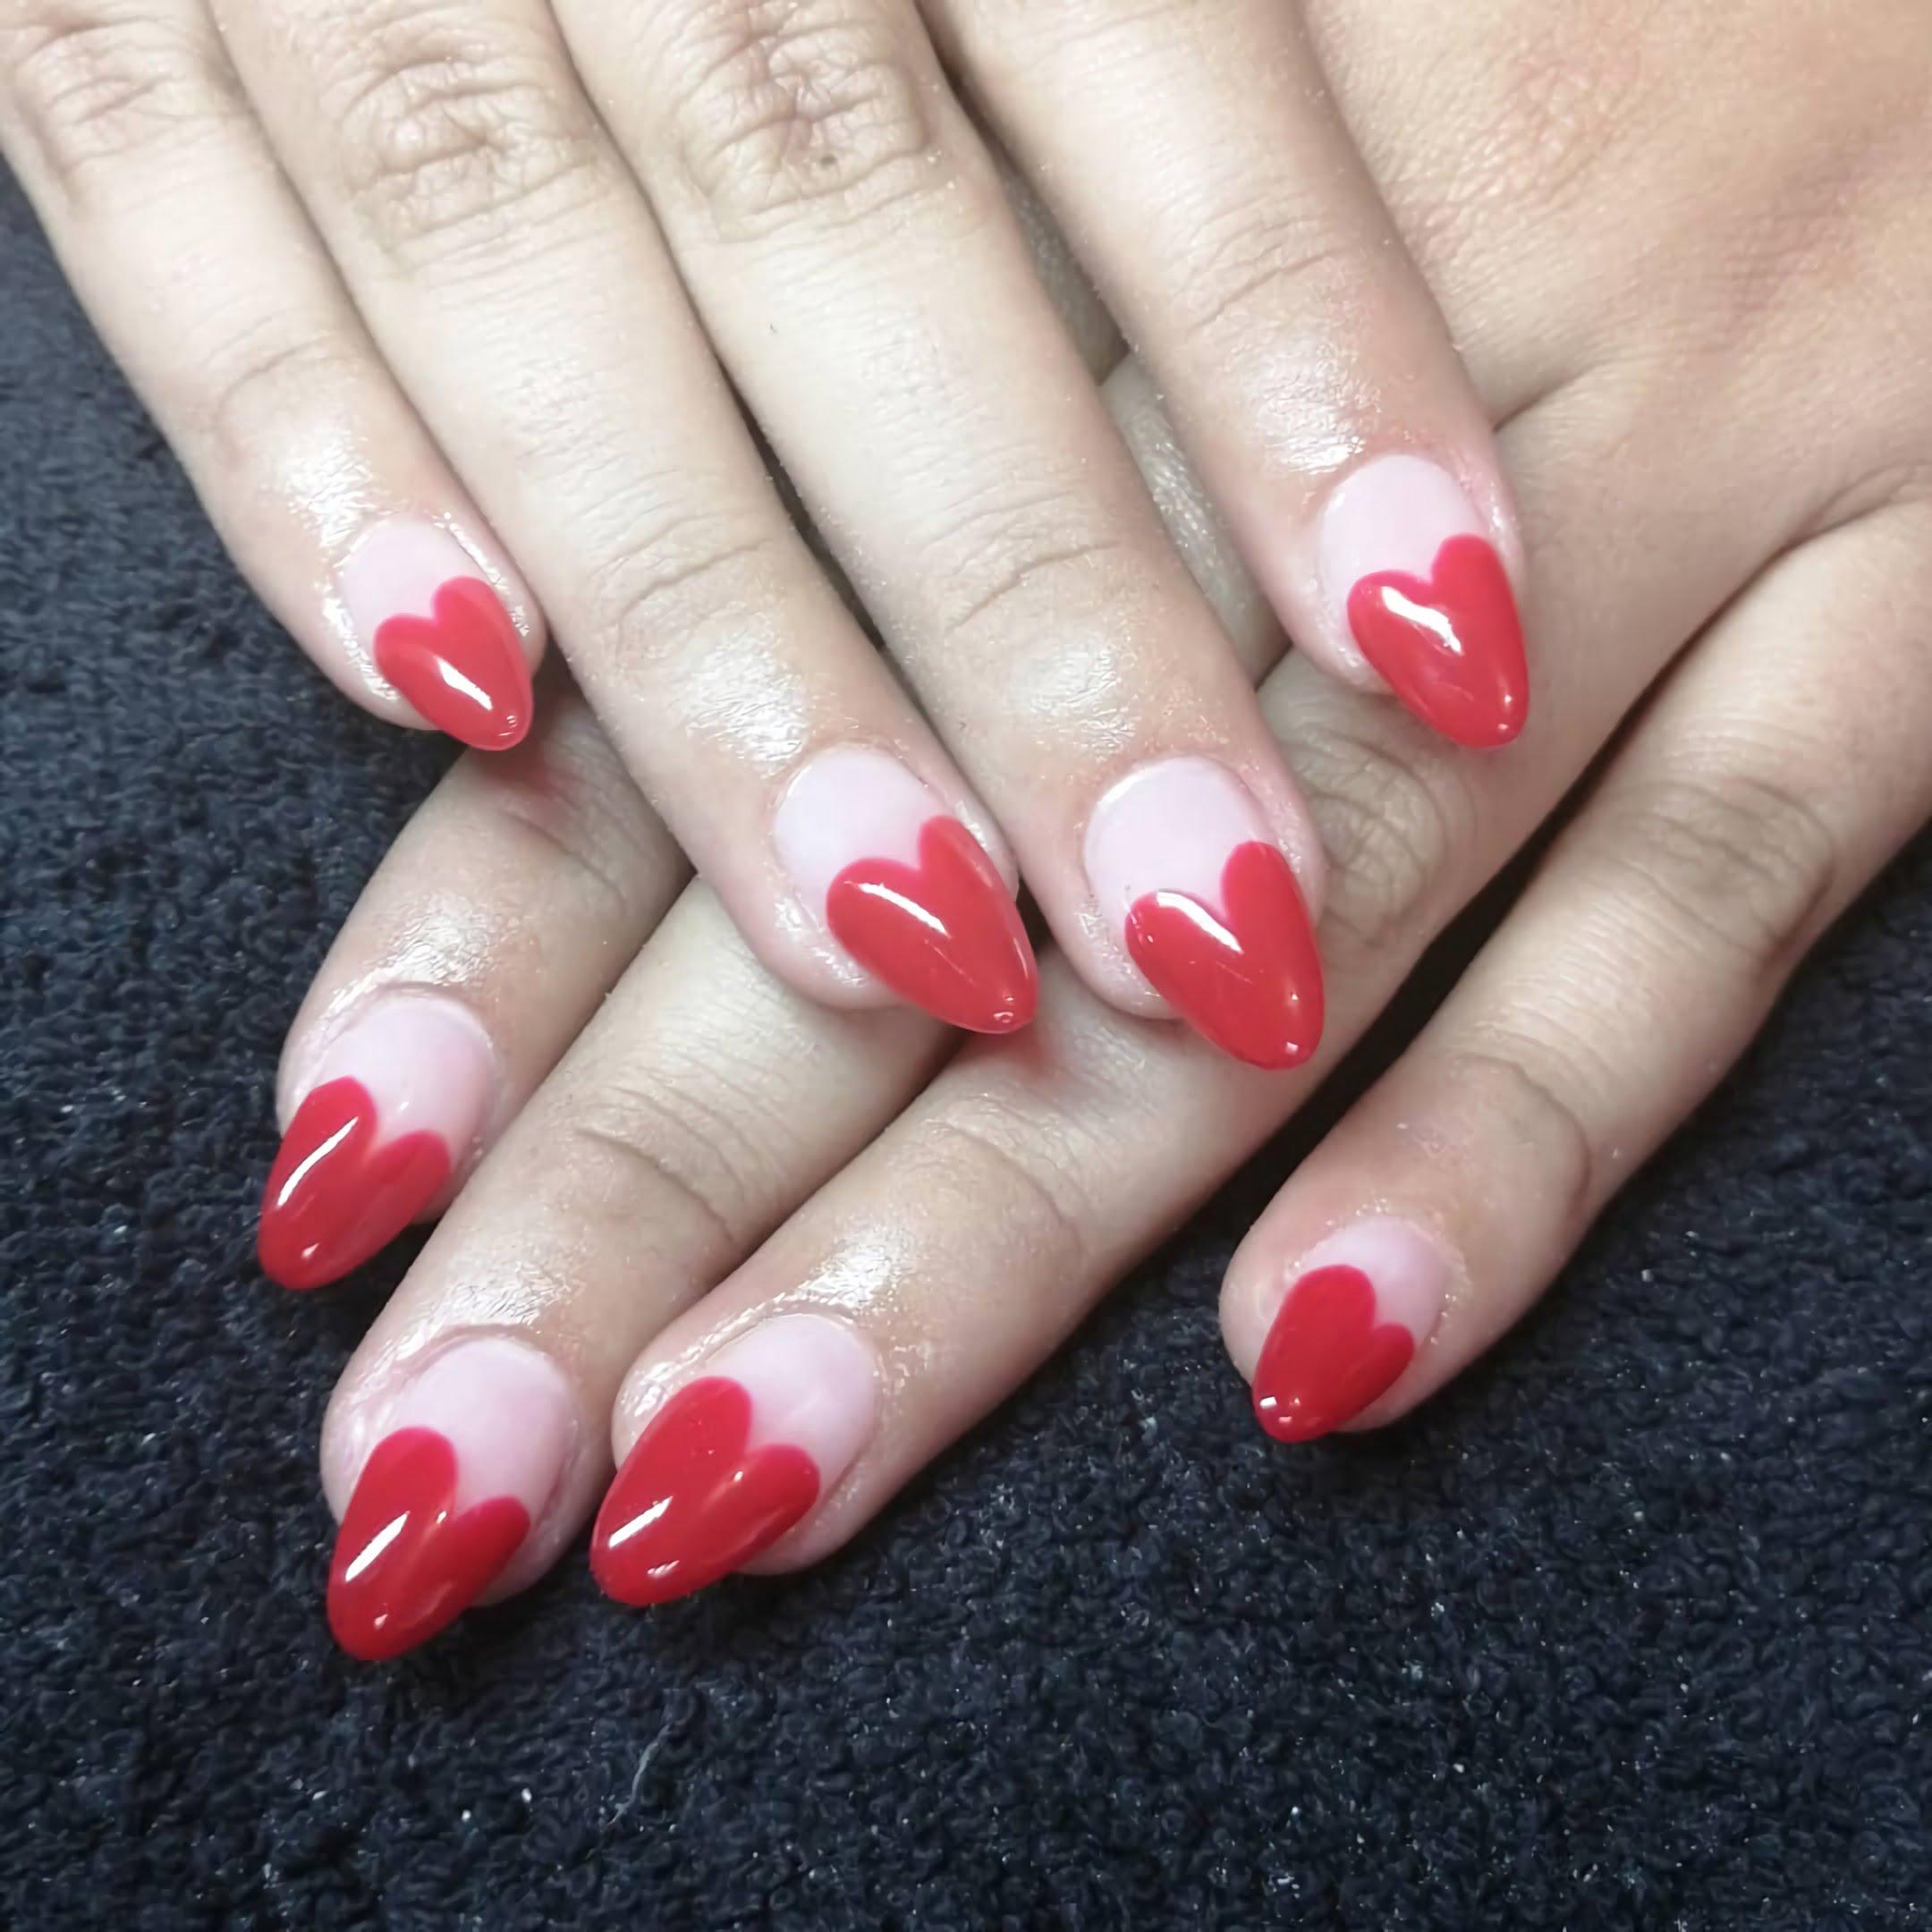 белые ногти с красными сердечками в стиле французского маникюра